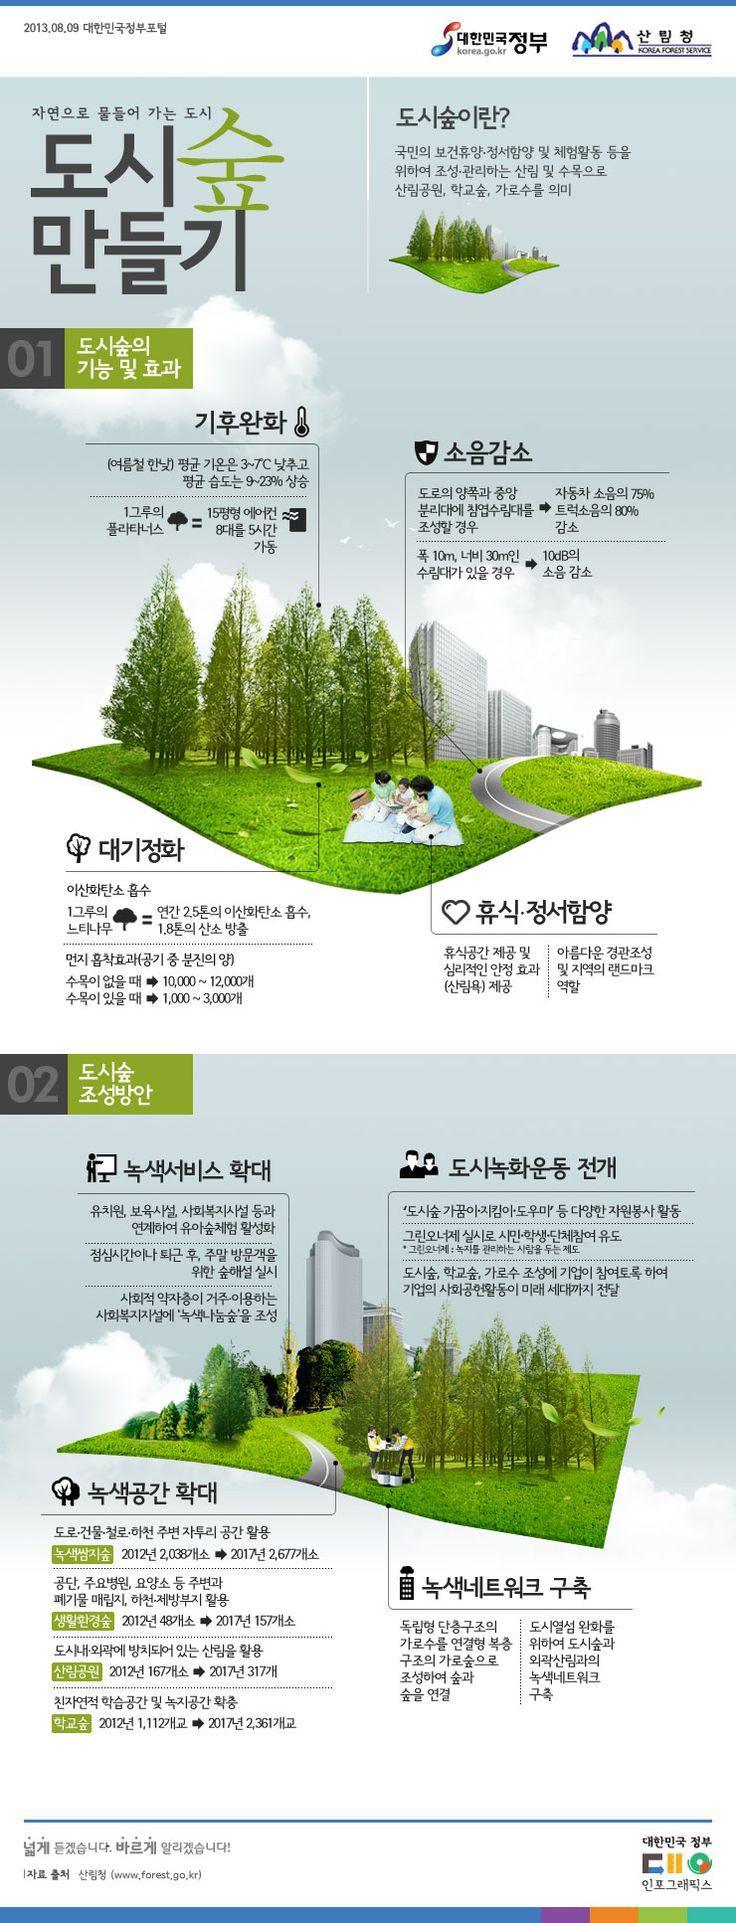 [Infographic] 도시 숲에 관한 인포그래픽